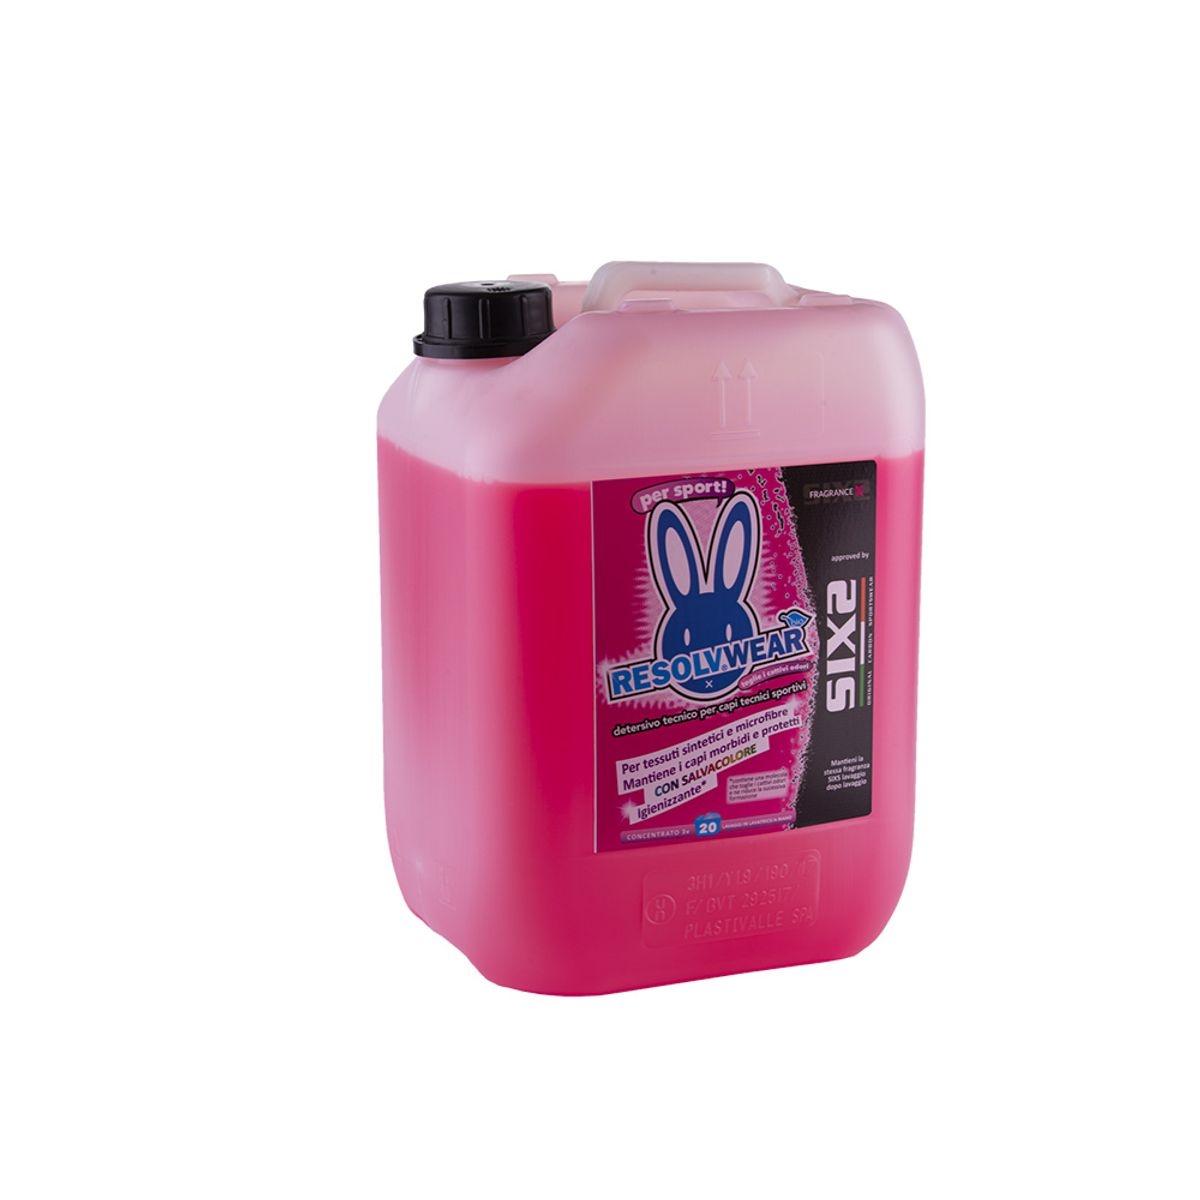 Fragrance X ResolvWear Detergent For Technical Sportswear 10L